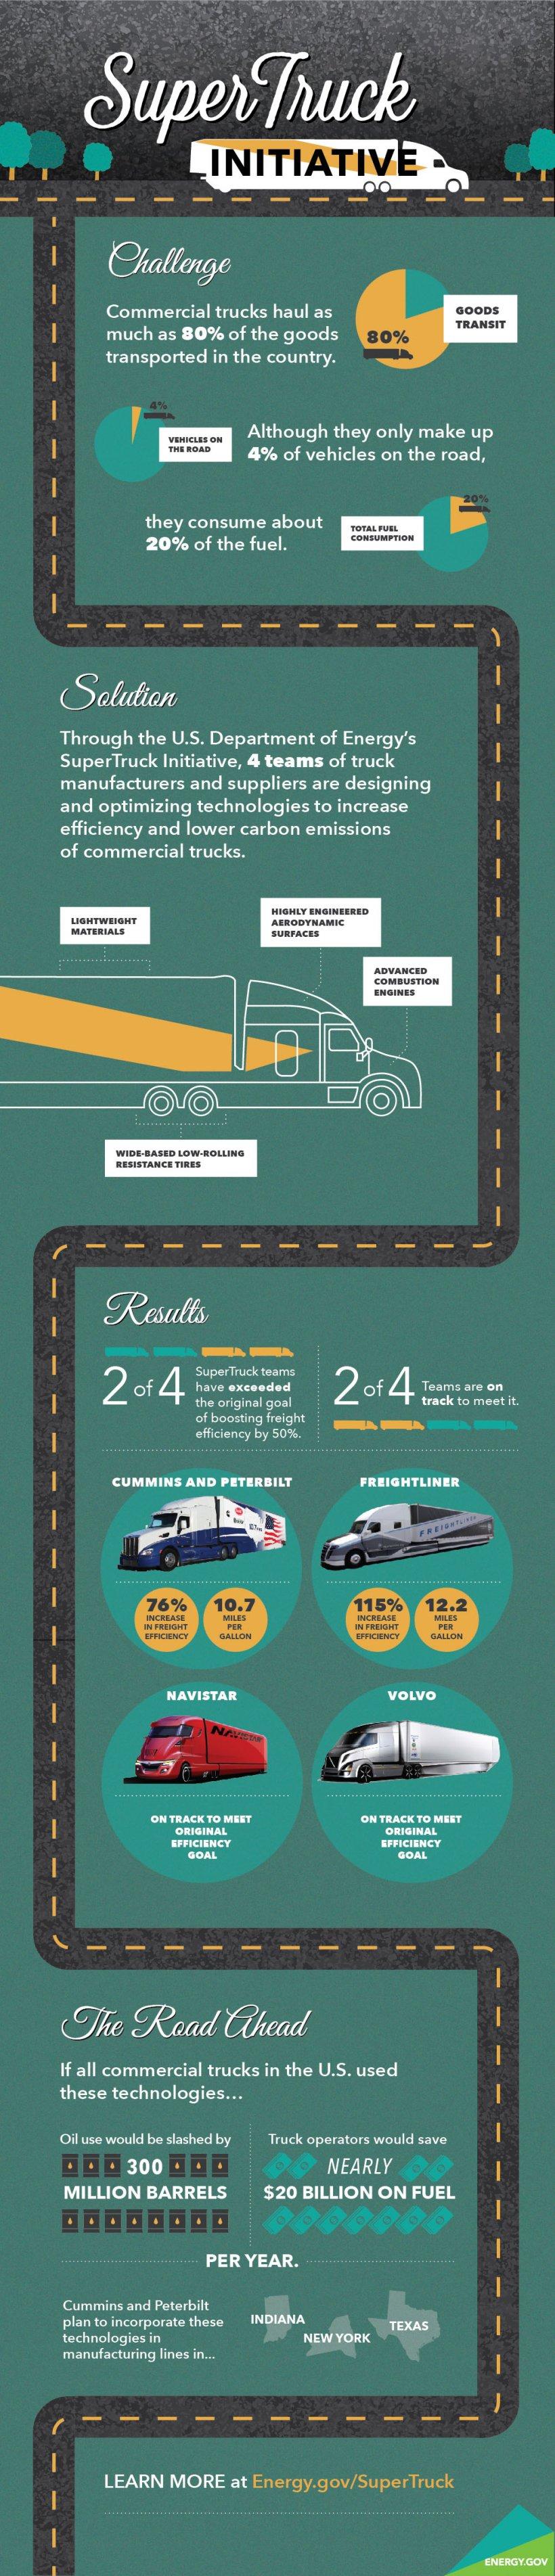 Infographic explaining the Energy Department's supertruck program